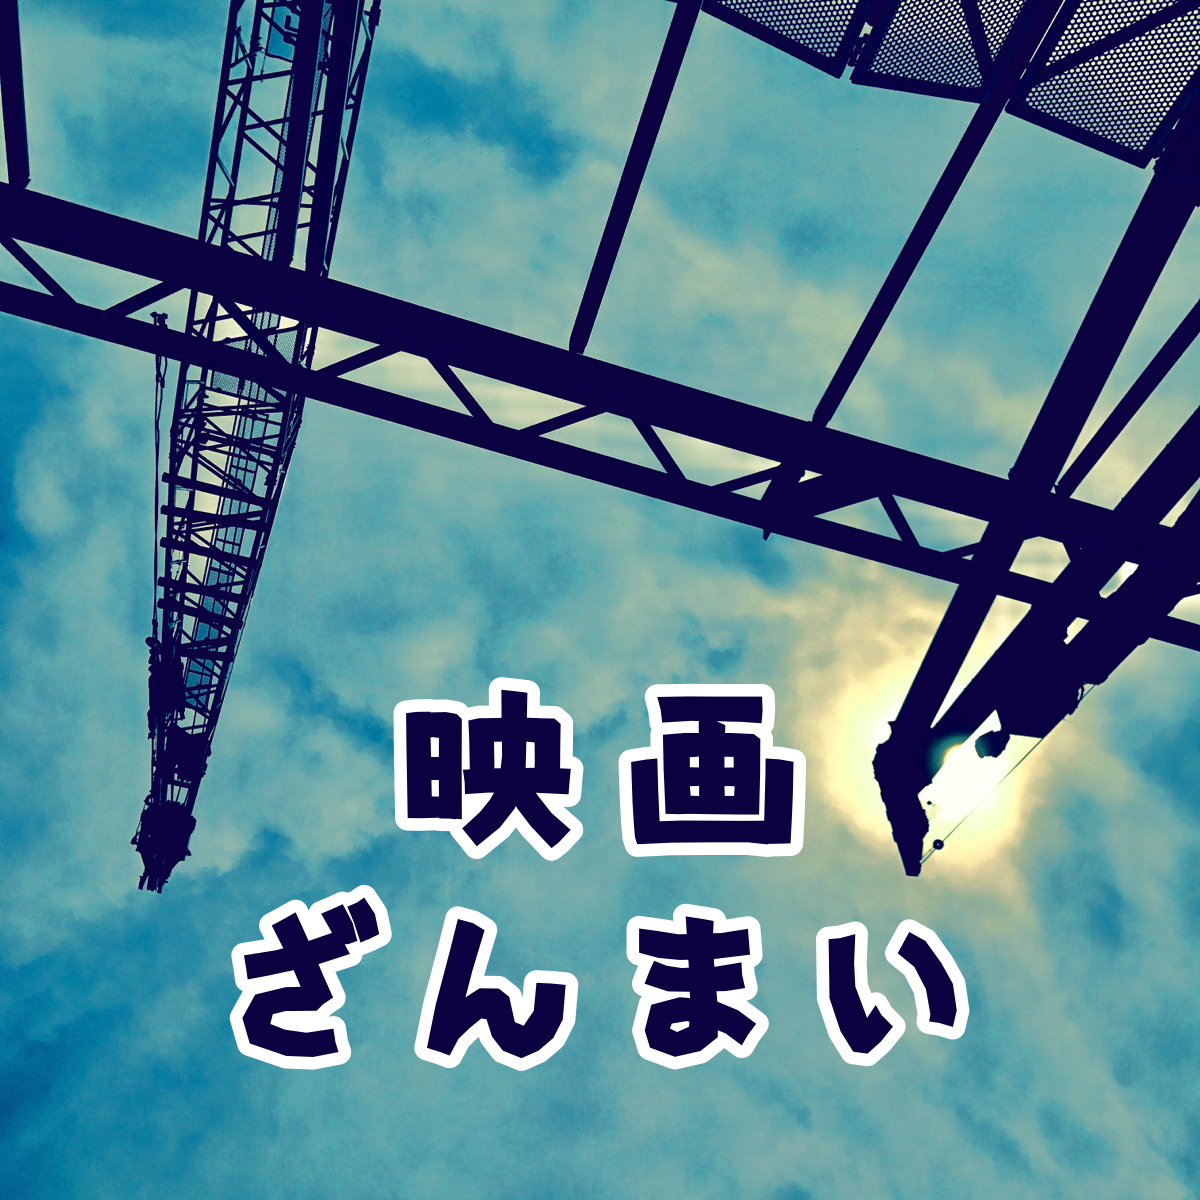 プロメア(2019)劇場鑑賞/感想回 前半